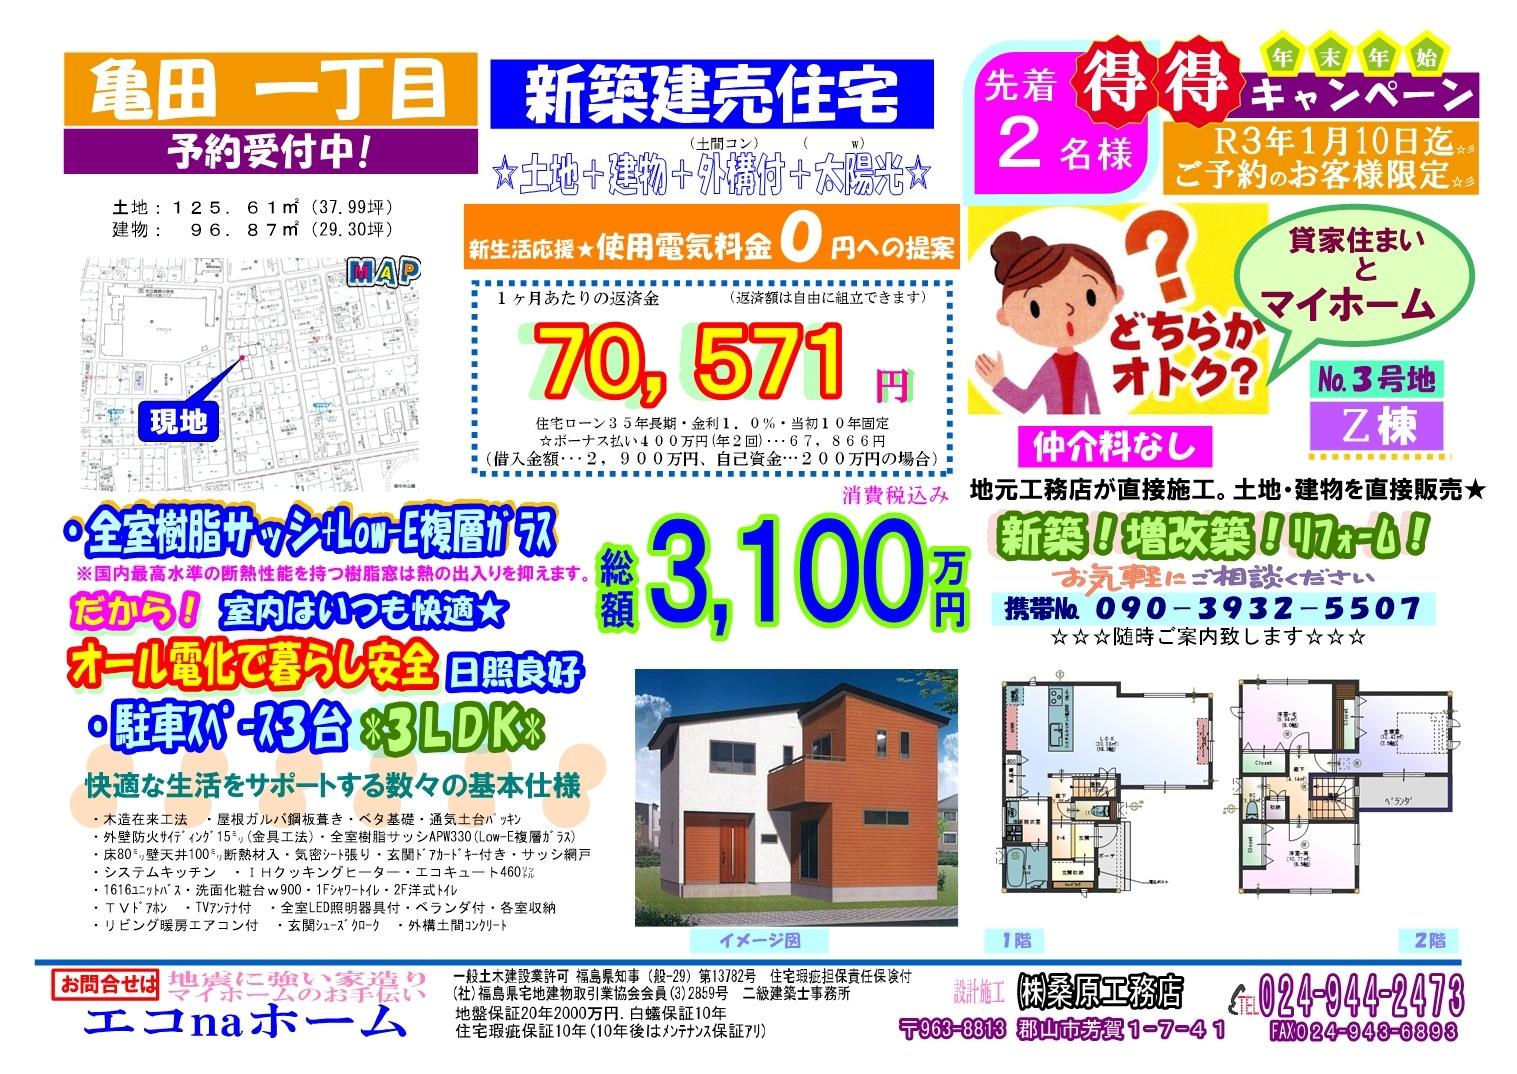 20201229 kameda_03_Z.jpg